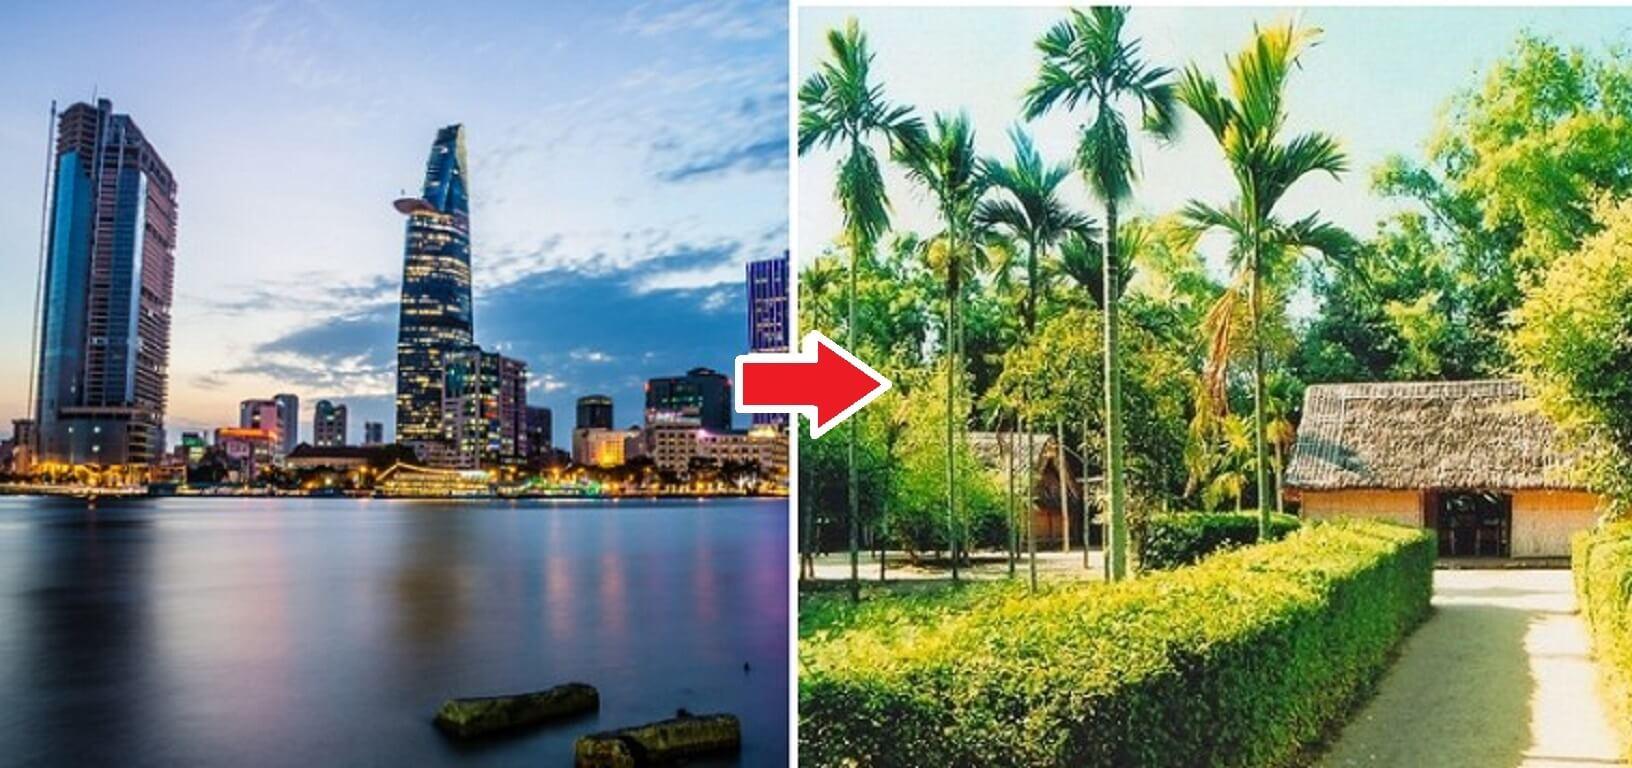 Đặt vé máy bay từ Hồ Chí Minh đến Vinh (Cập nhật mới nhất)